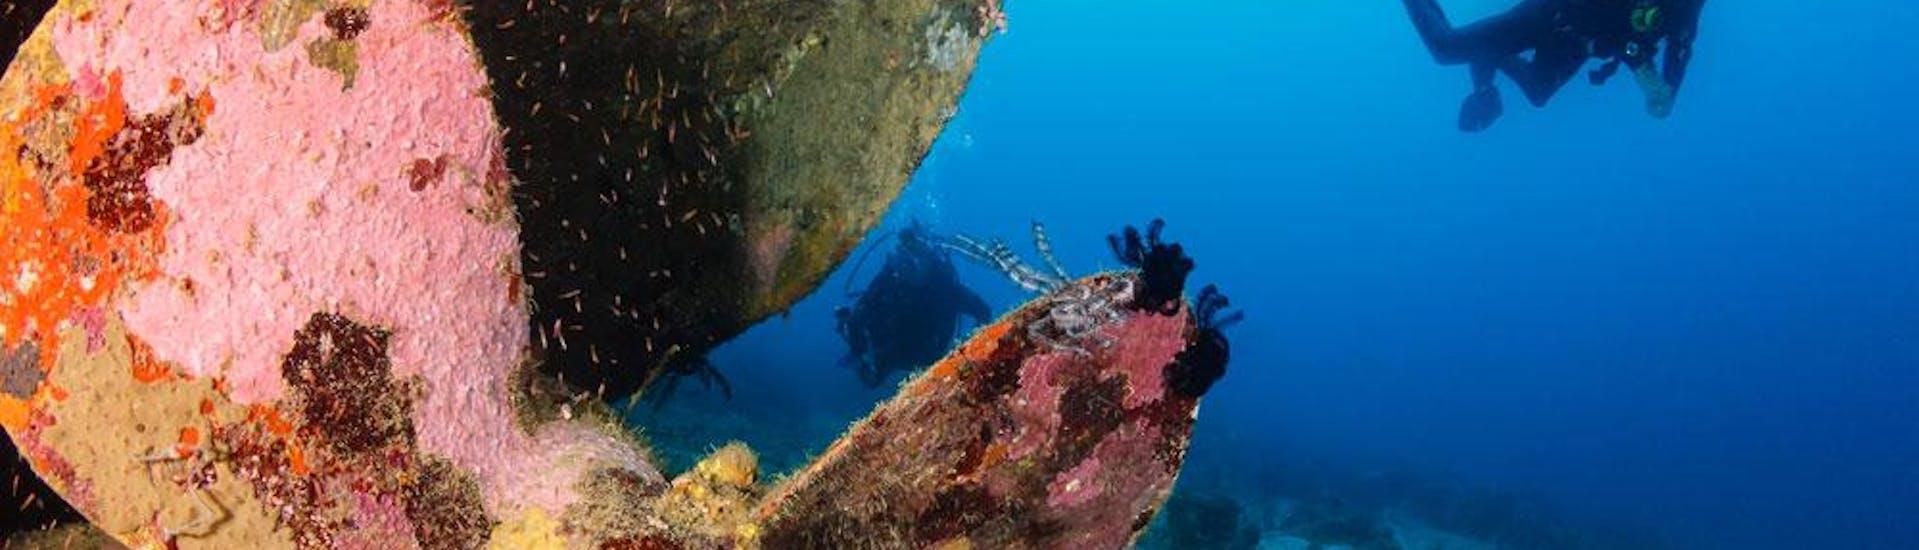 Wreck Diving in Kvarner Bay for Certified Divers